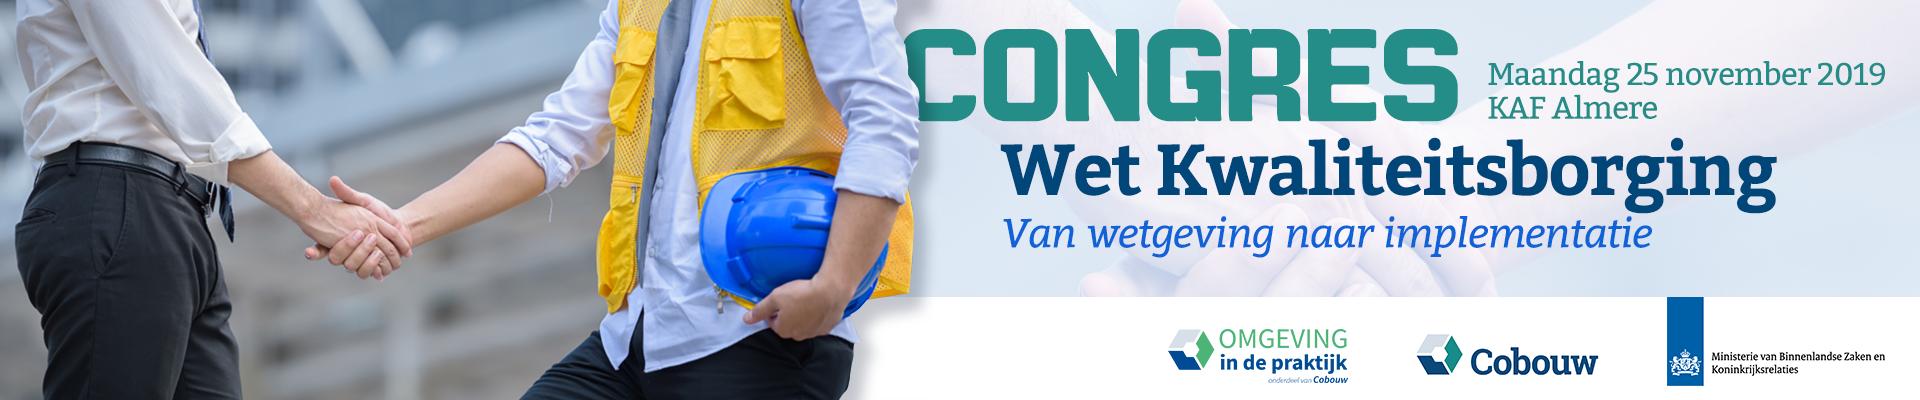 Congres Wet Kwaliteitsborging